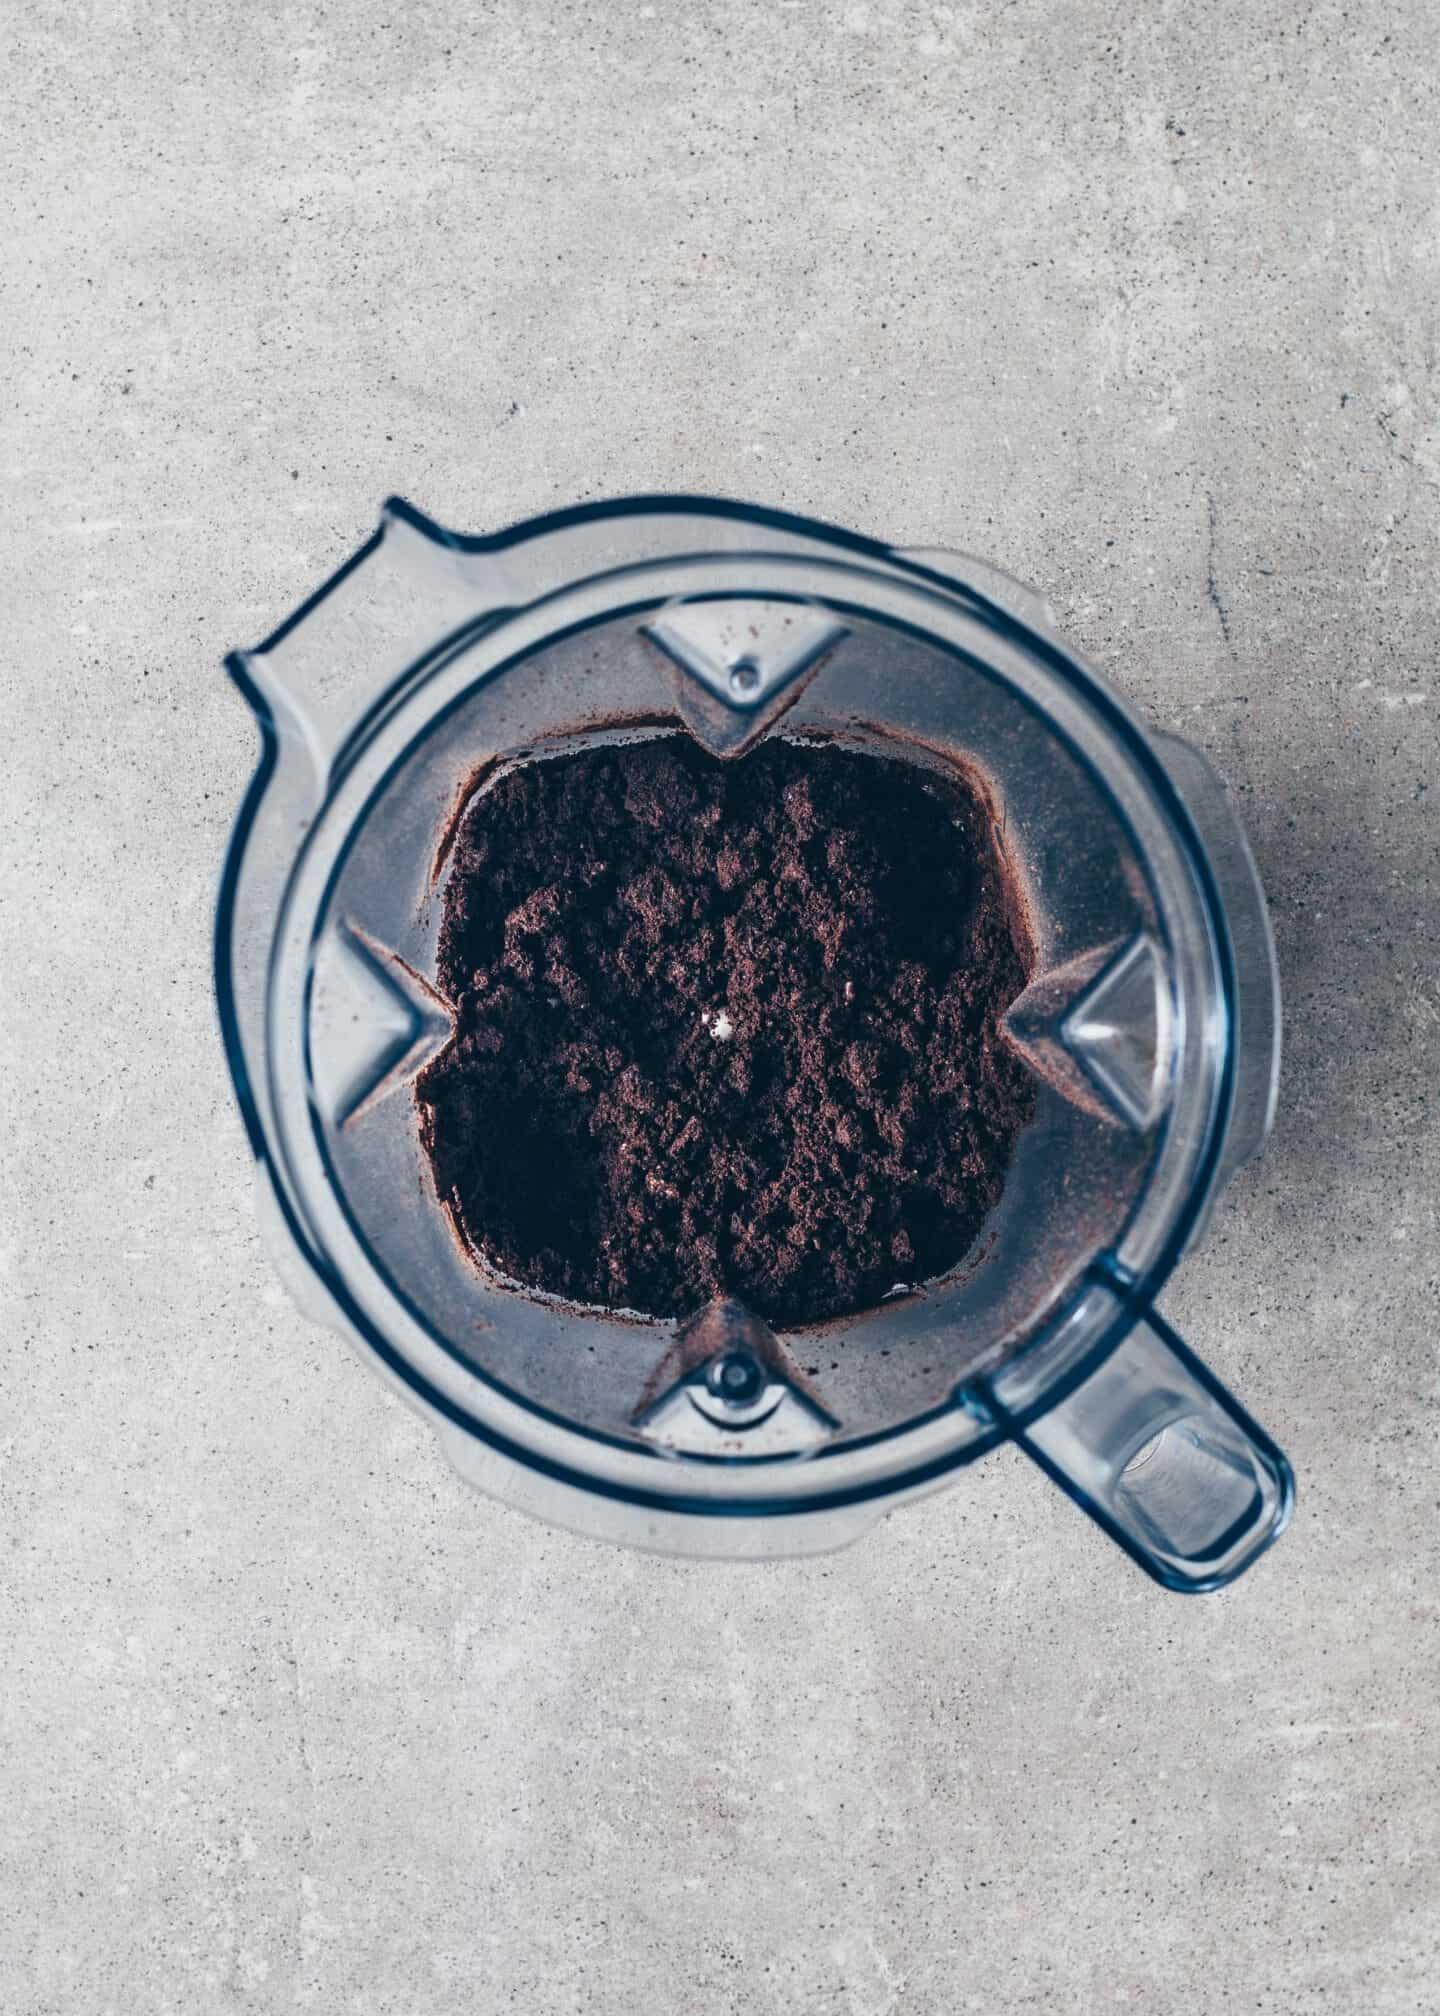 How to make Oreo Crust Recipe